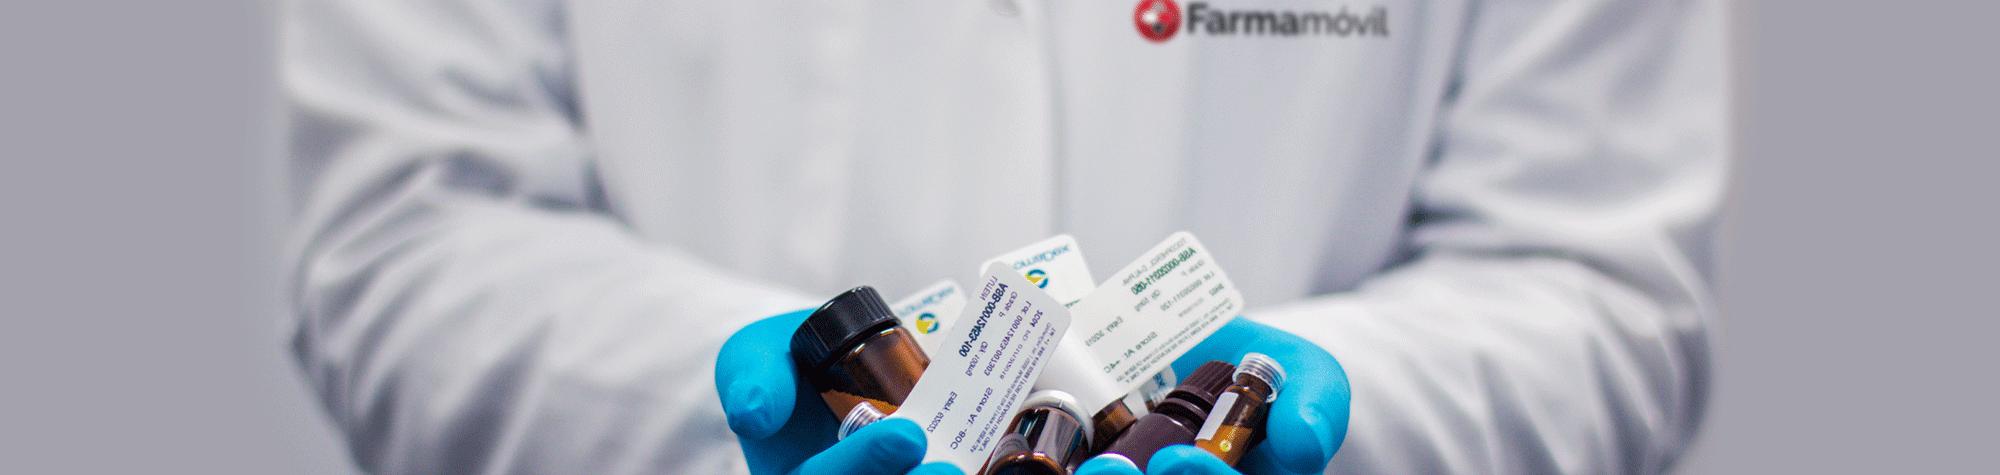 Marketec presenta una innovadora app para comprar en farmacias